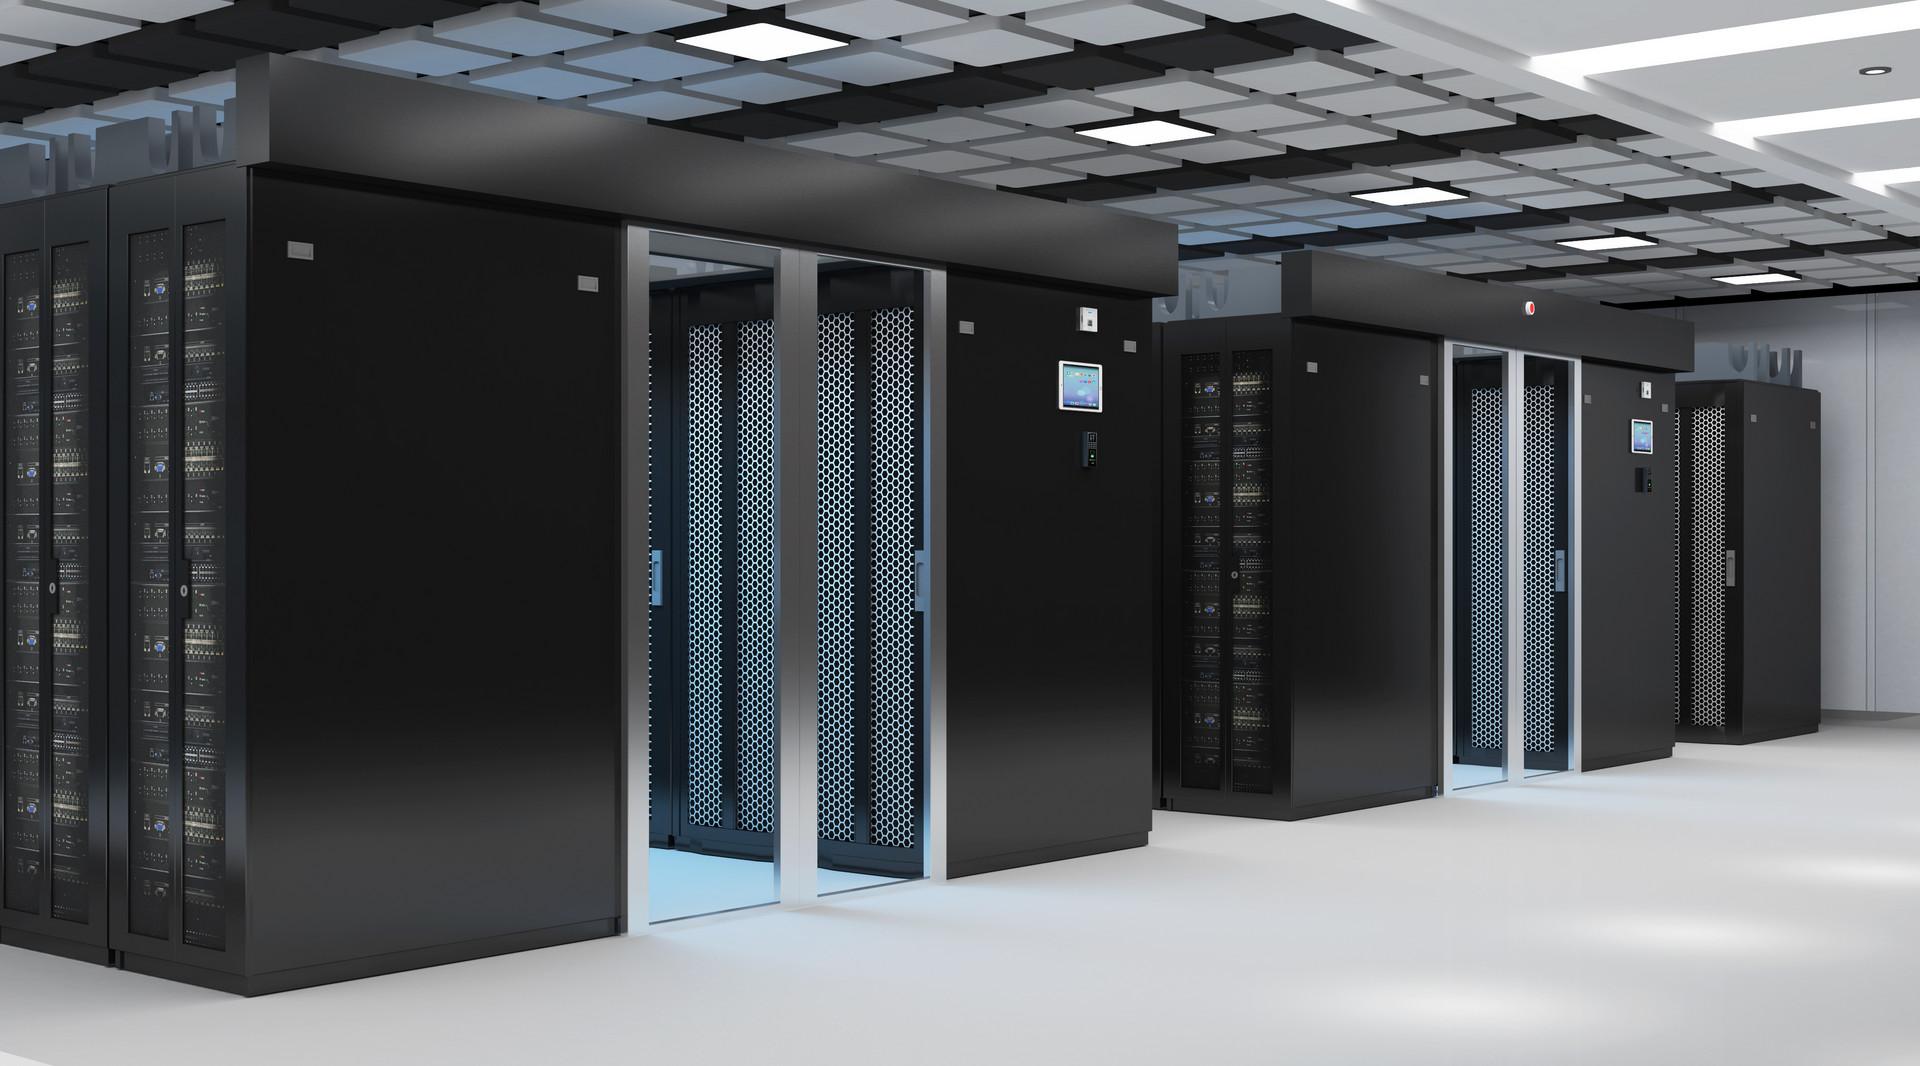 数据中心服务器机房场景